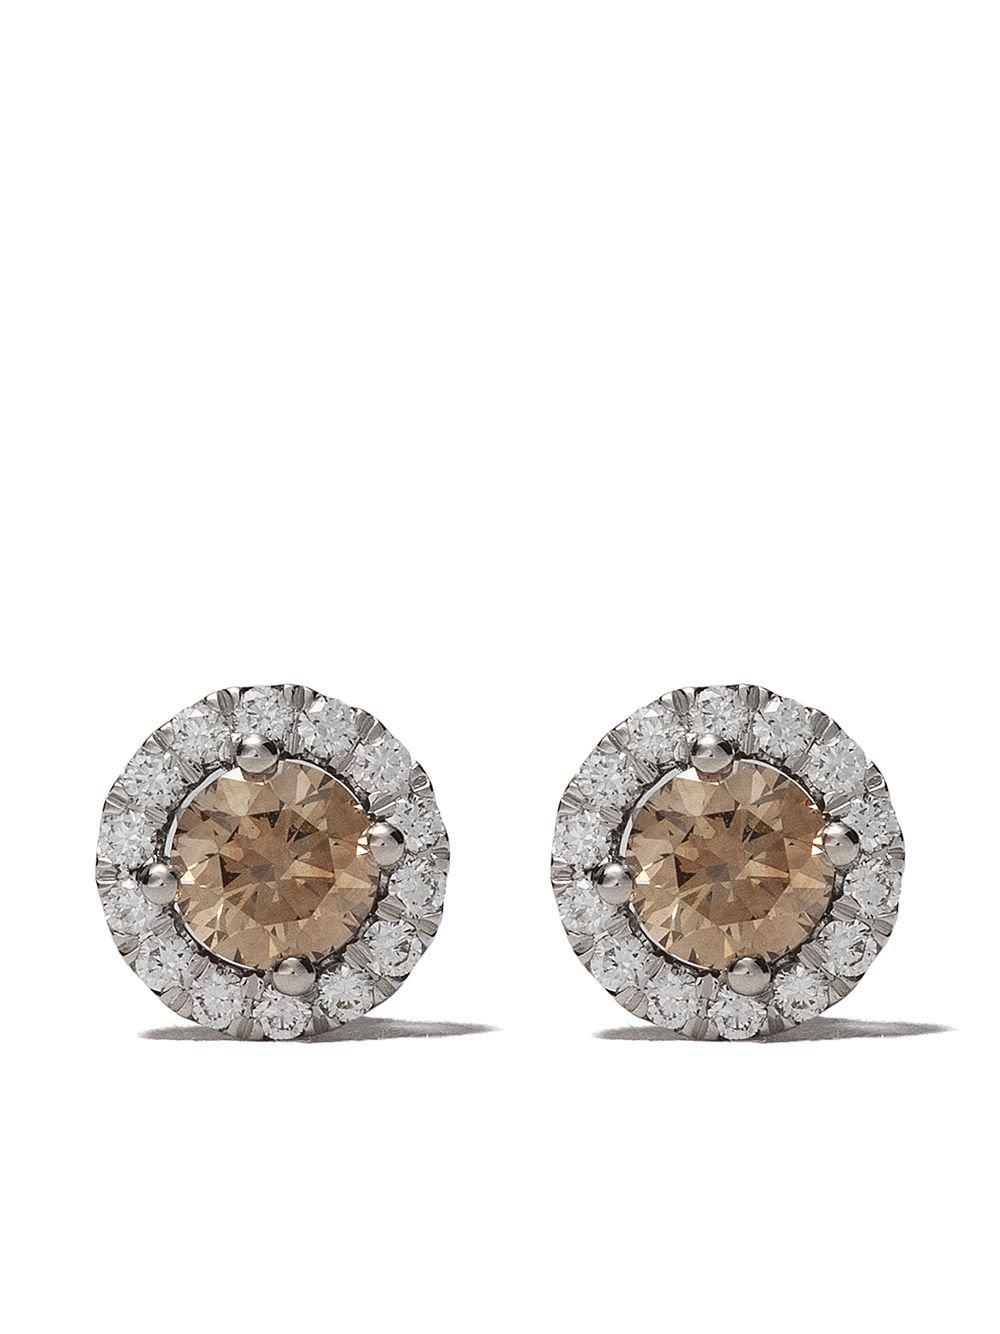 18kt White Gold De Beers Aura Fancy Coloured Diamond Stud Earrings | Farfetch.com